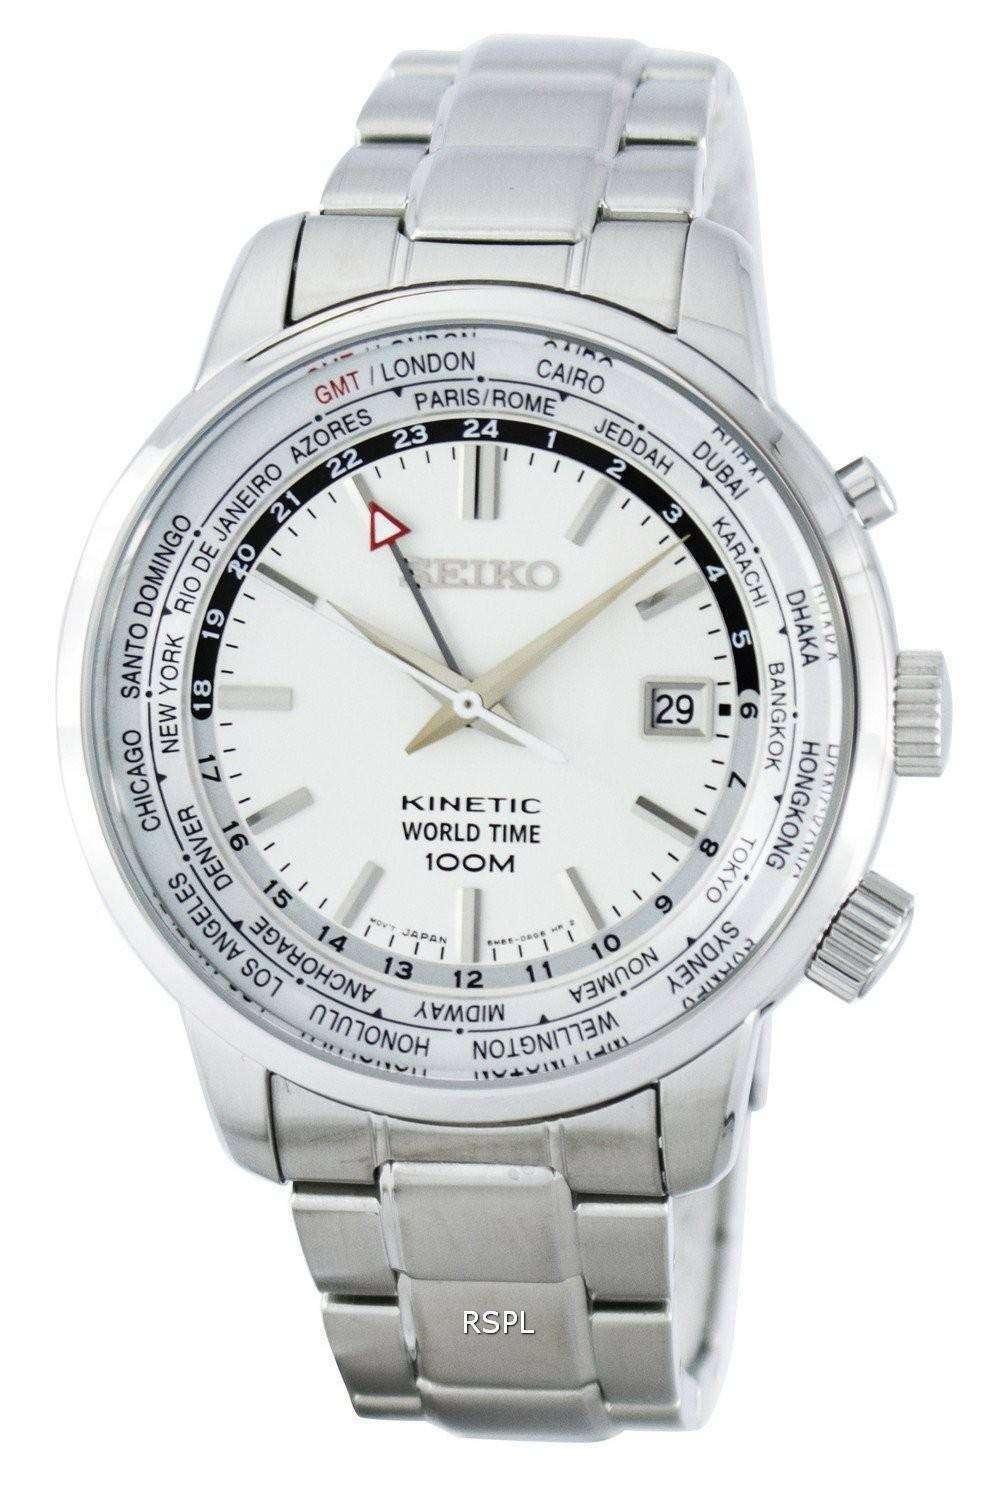 Seiko Kinetic World Time GMT SUN067 SUN067P1 SUN067P Men's